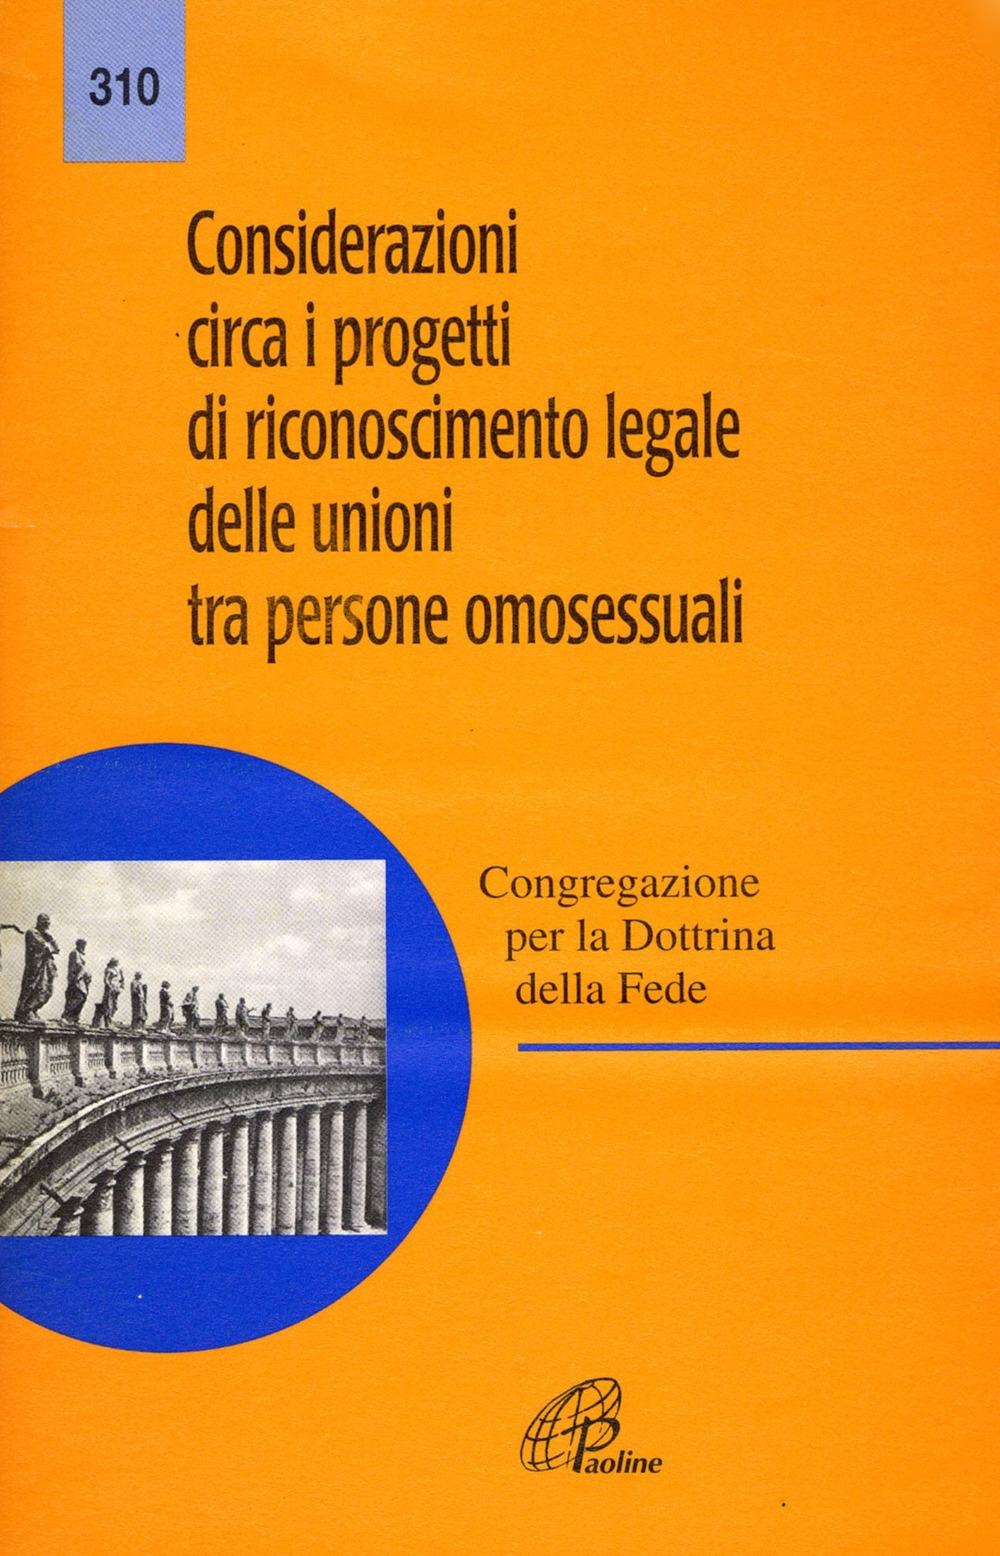 Considerazioni circa i progetti di riconoscimento legale delle unioni tra persone omosessuali